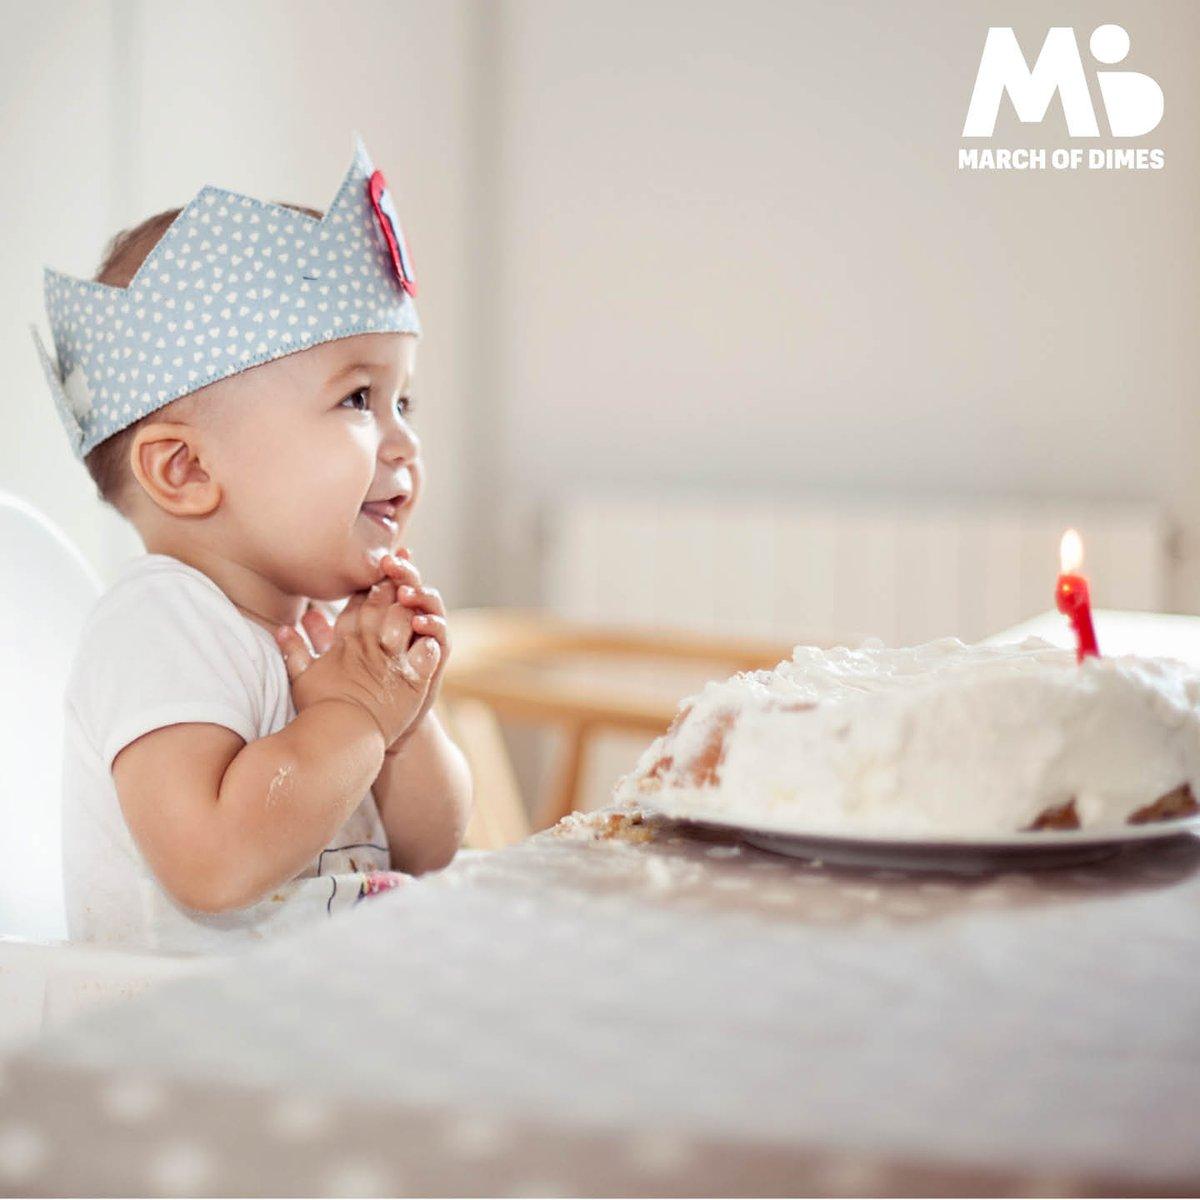 Ayudemos a que todos los bebés celebren su primer añito